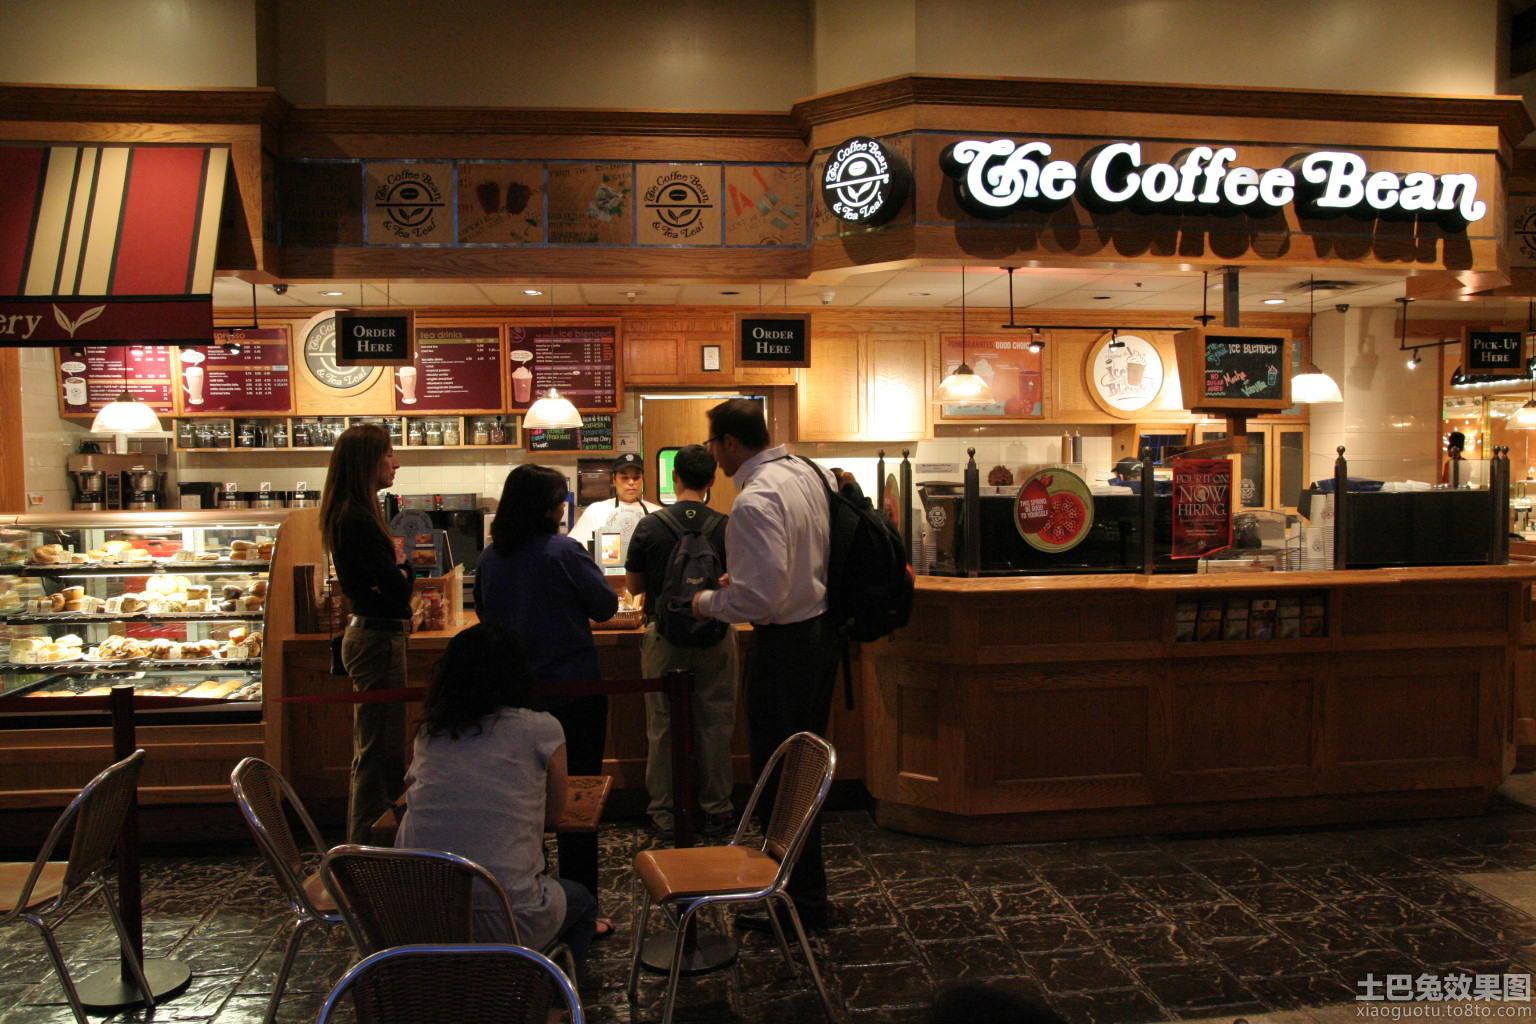 家居图库 美式咖啡店装修 > 第2张图片